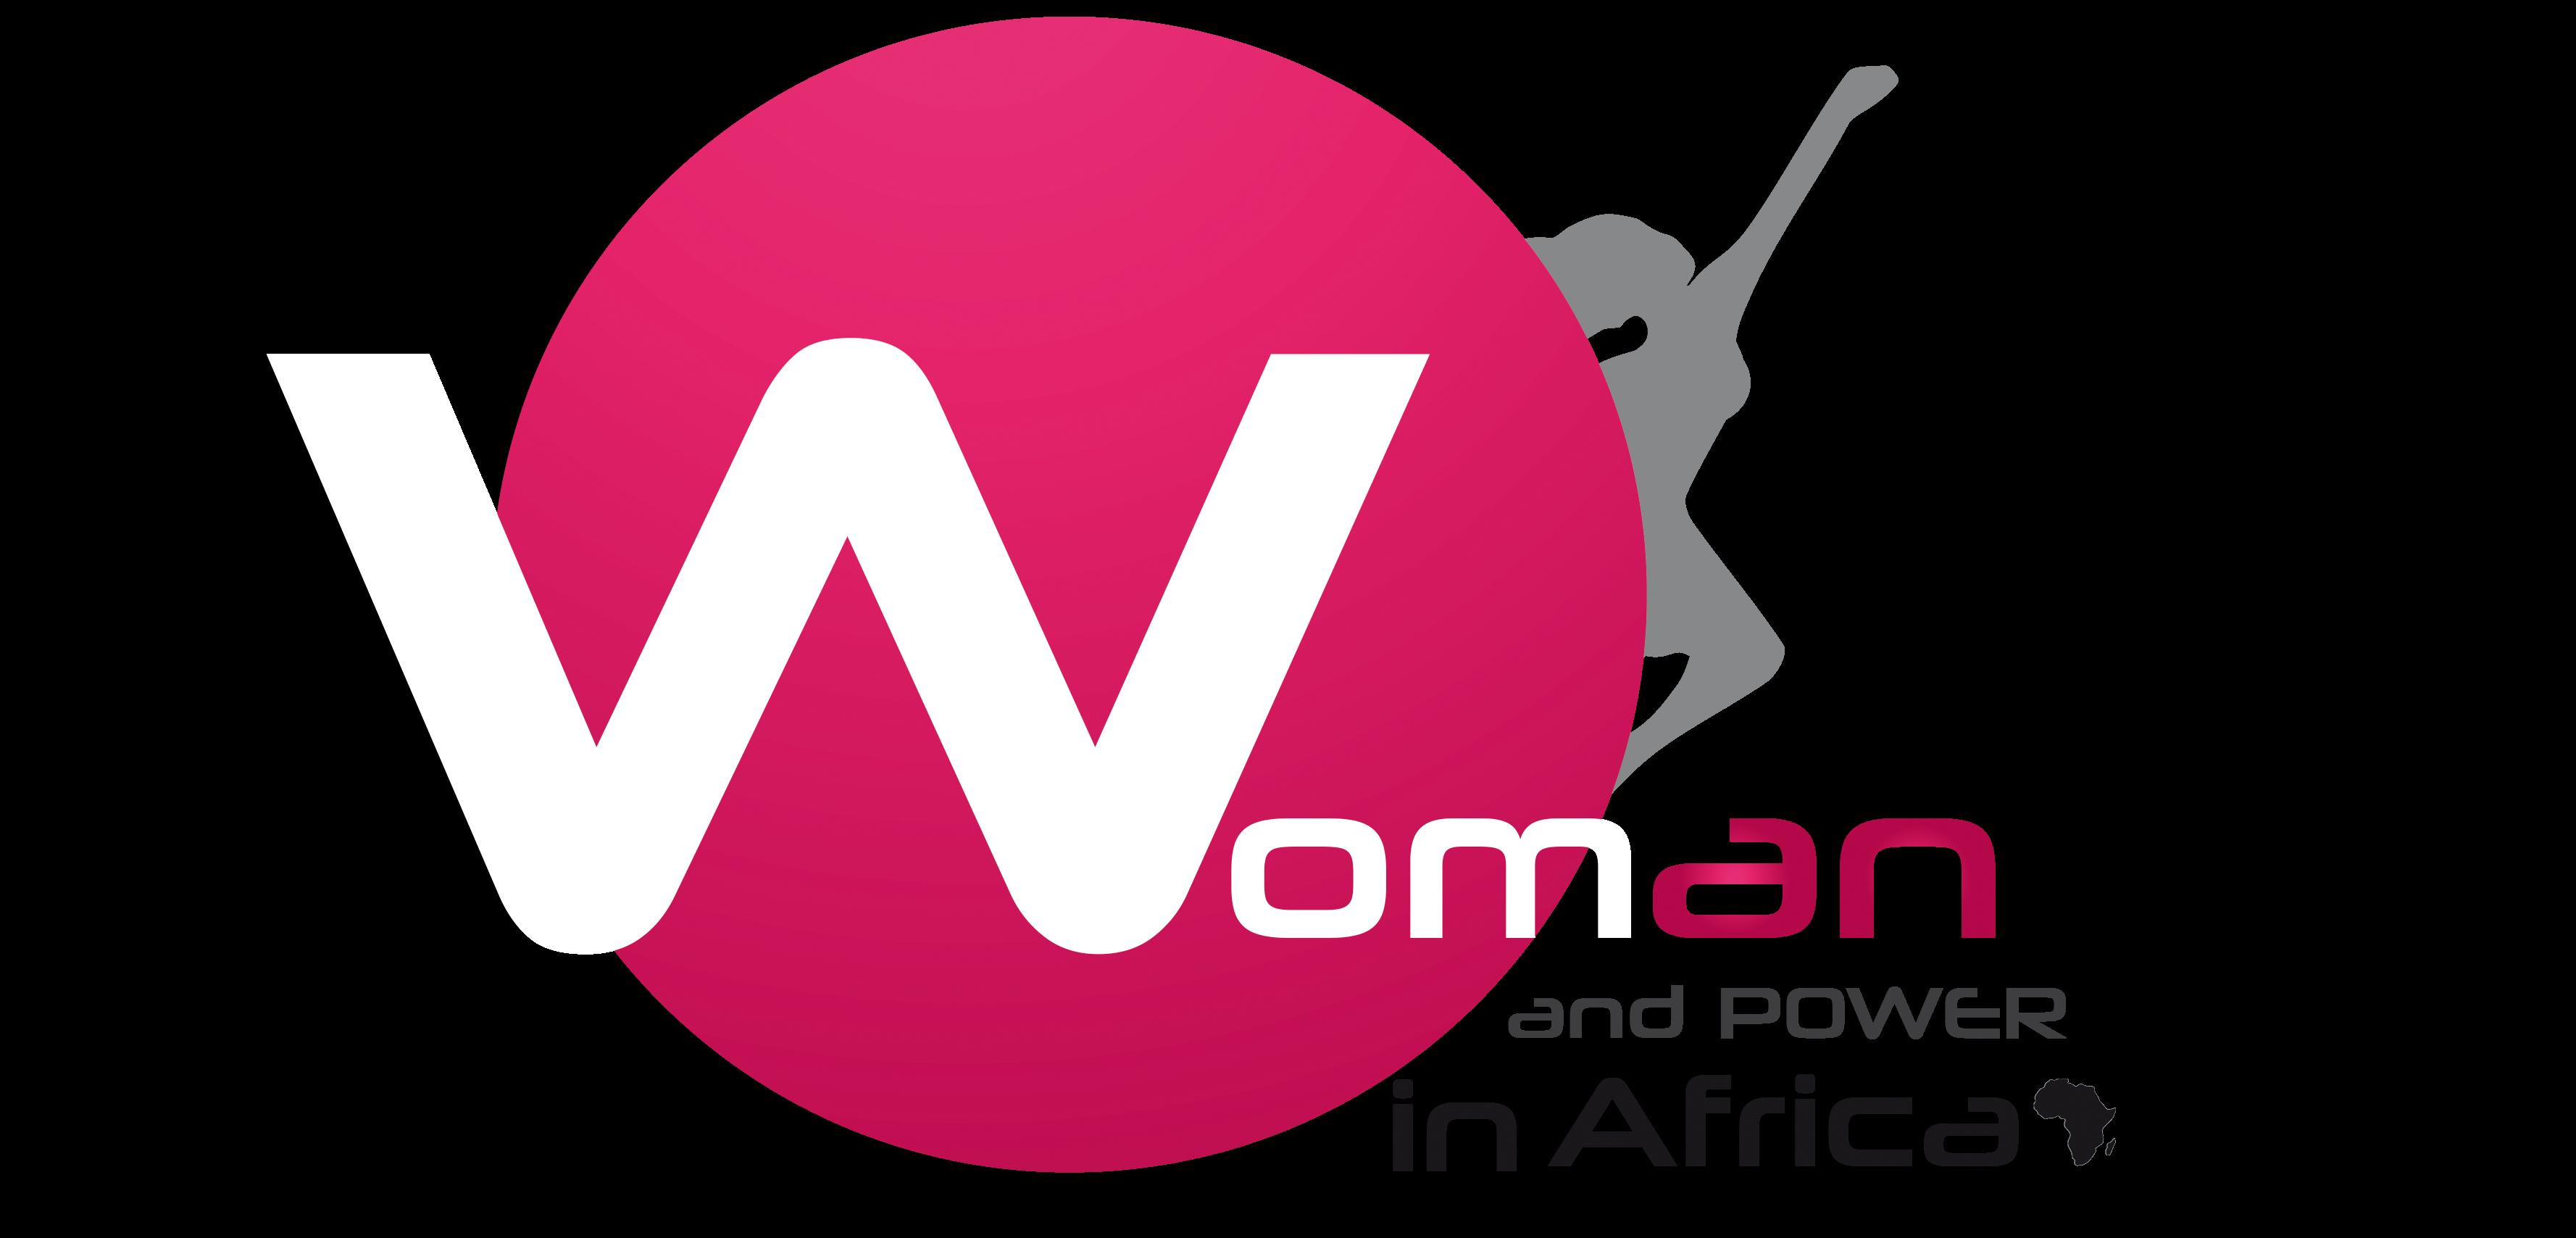 Femmes, bien-être, santé, travail et pouvoir